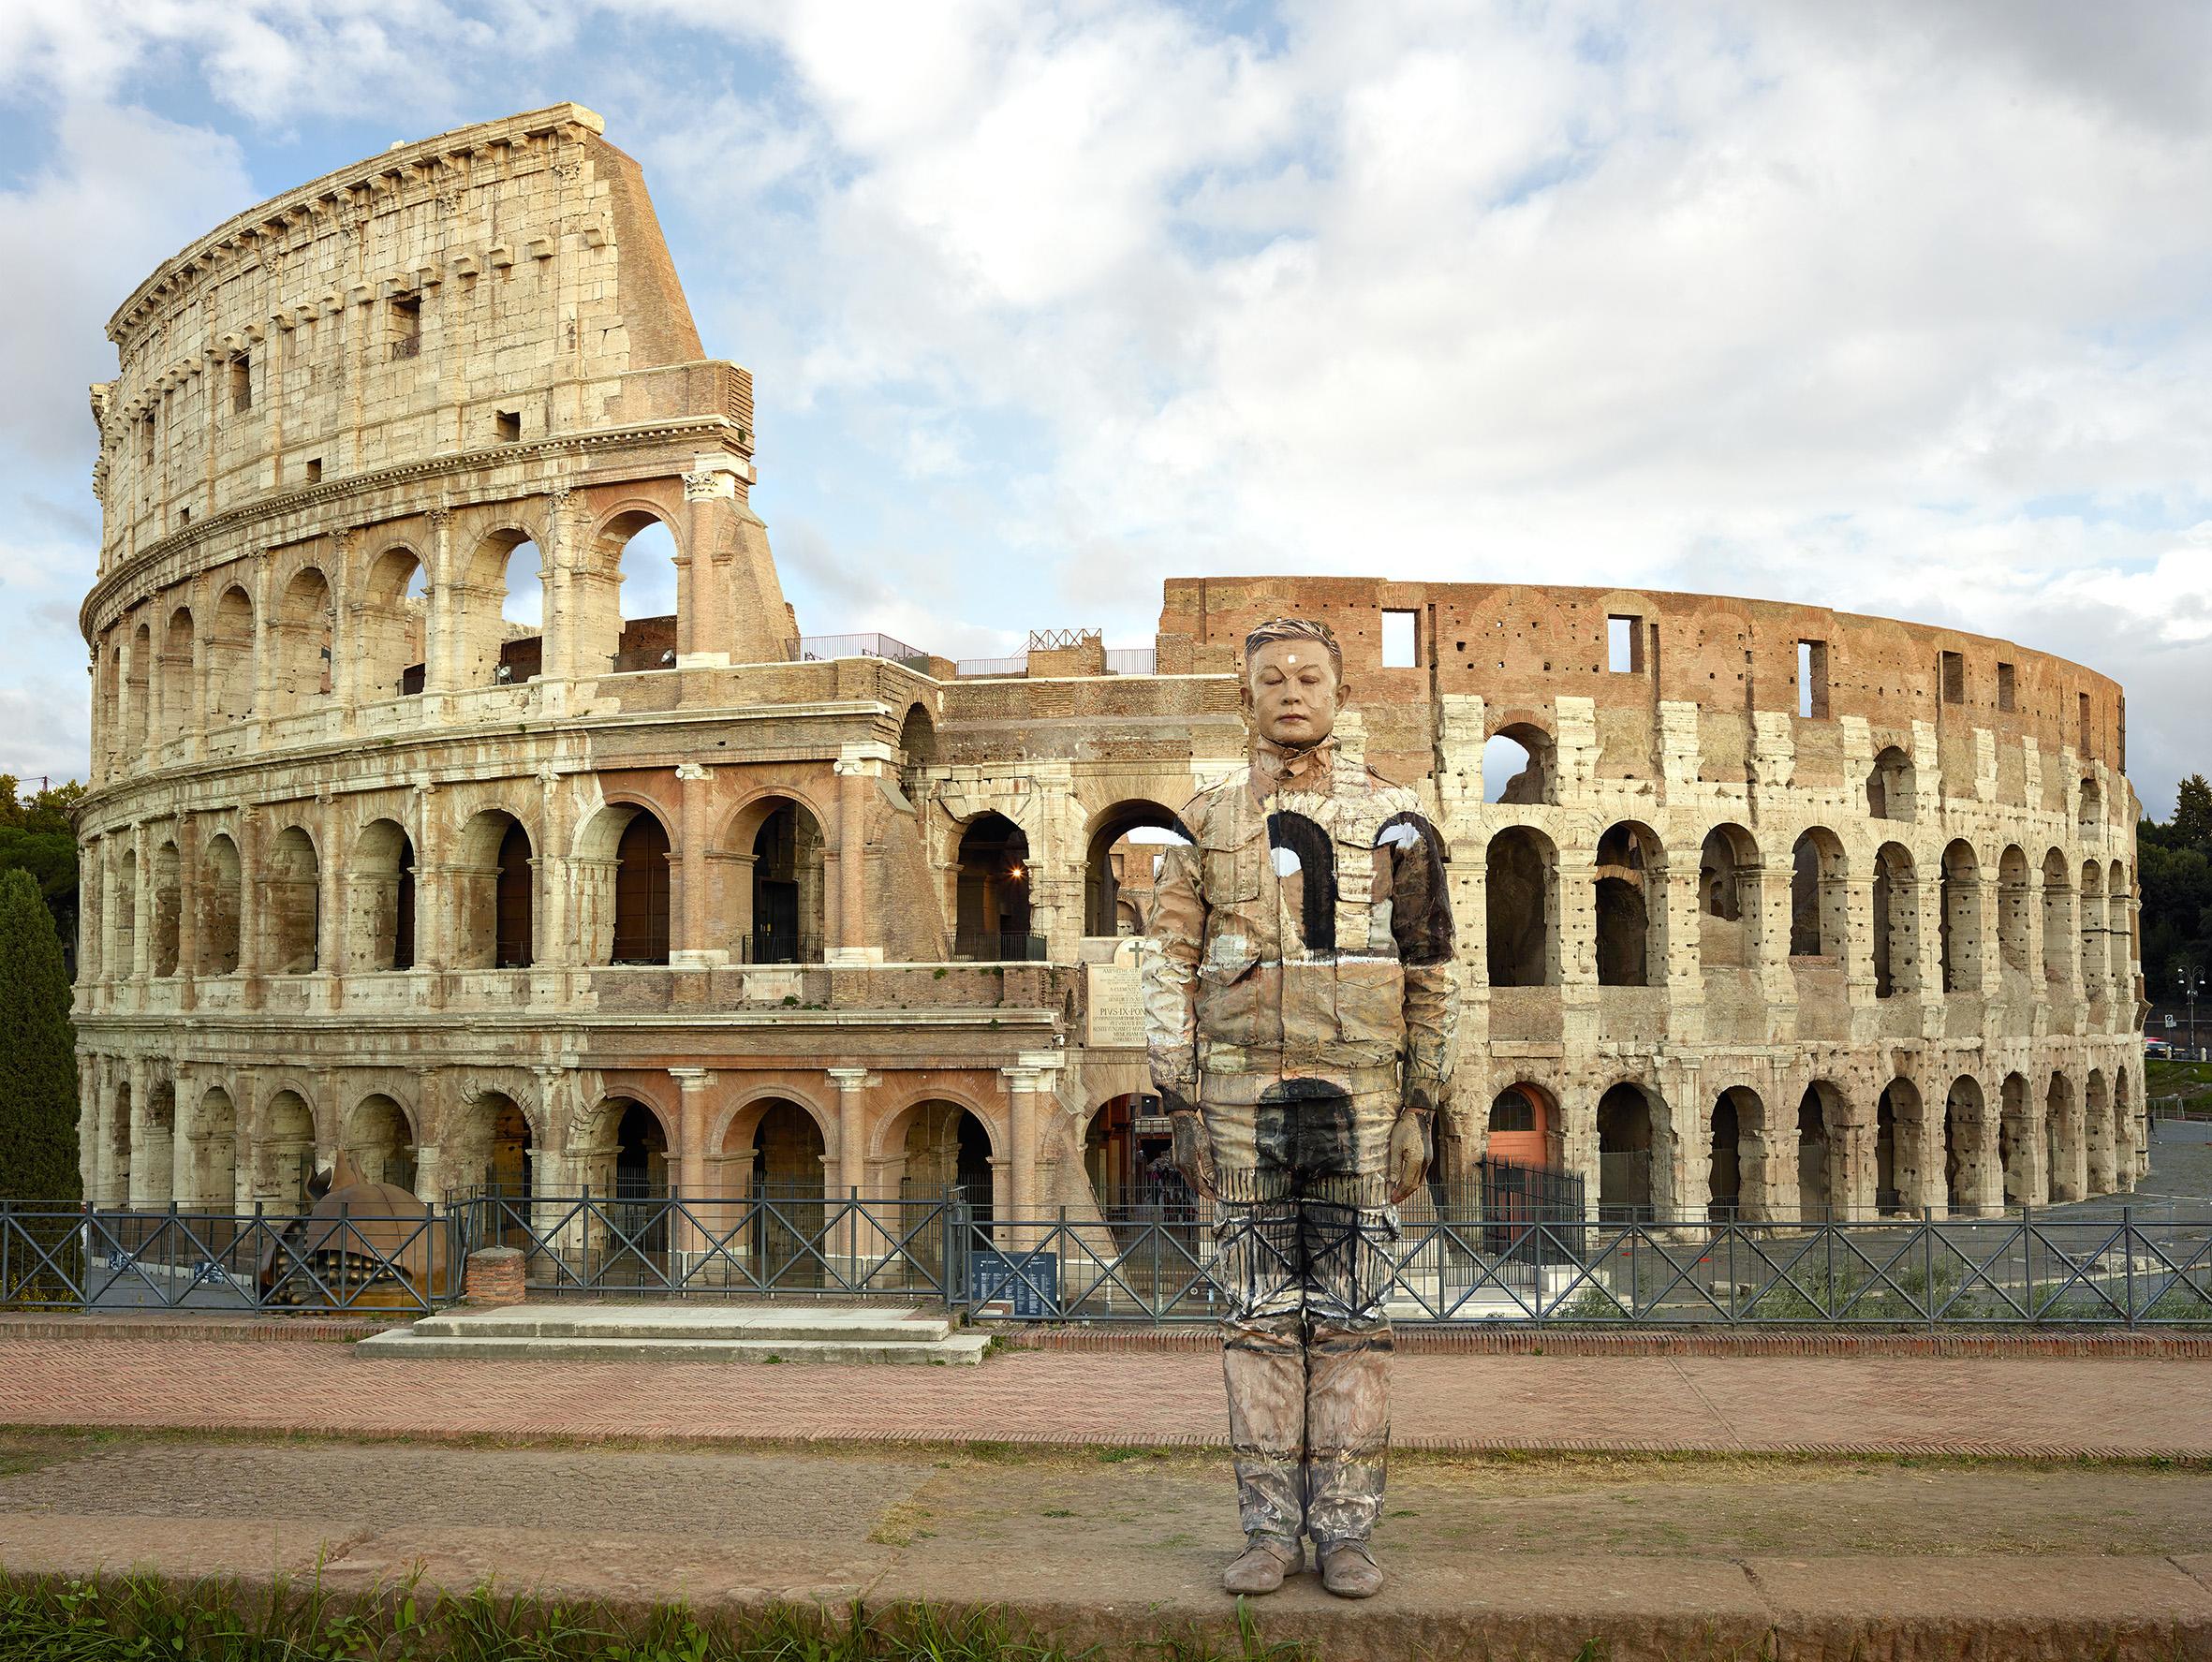 Liu Bolin. The invisible man a Roma finalmente dal 2 Marzo